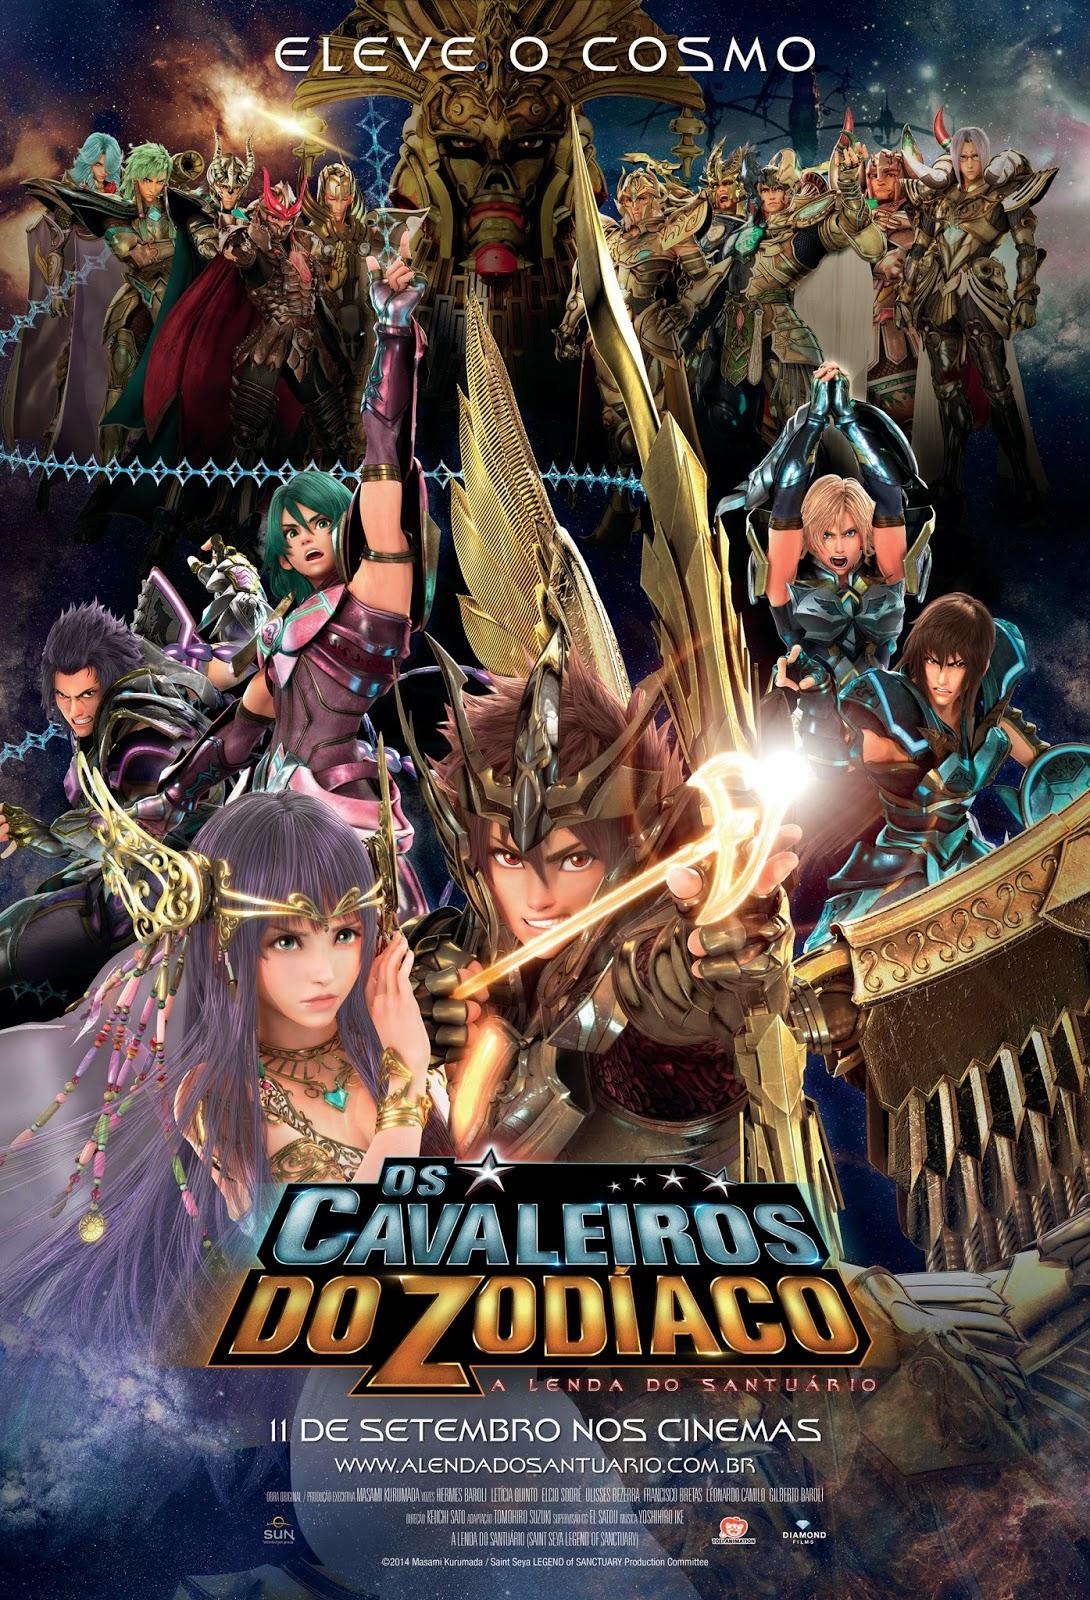 Os Cavaleiros do Zodíaco: Lenda do Santuário